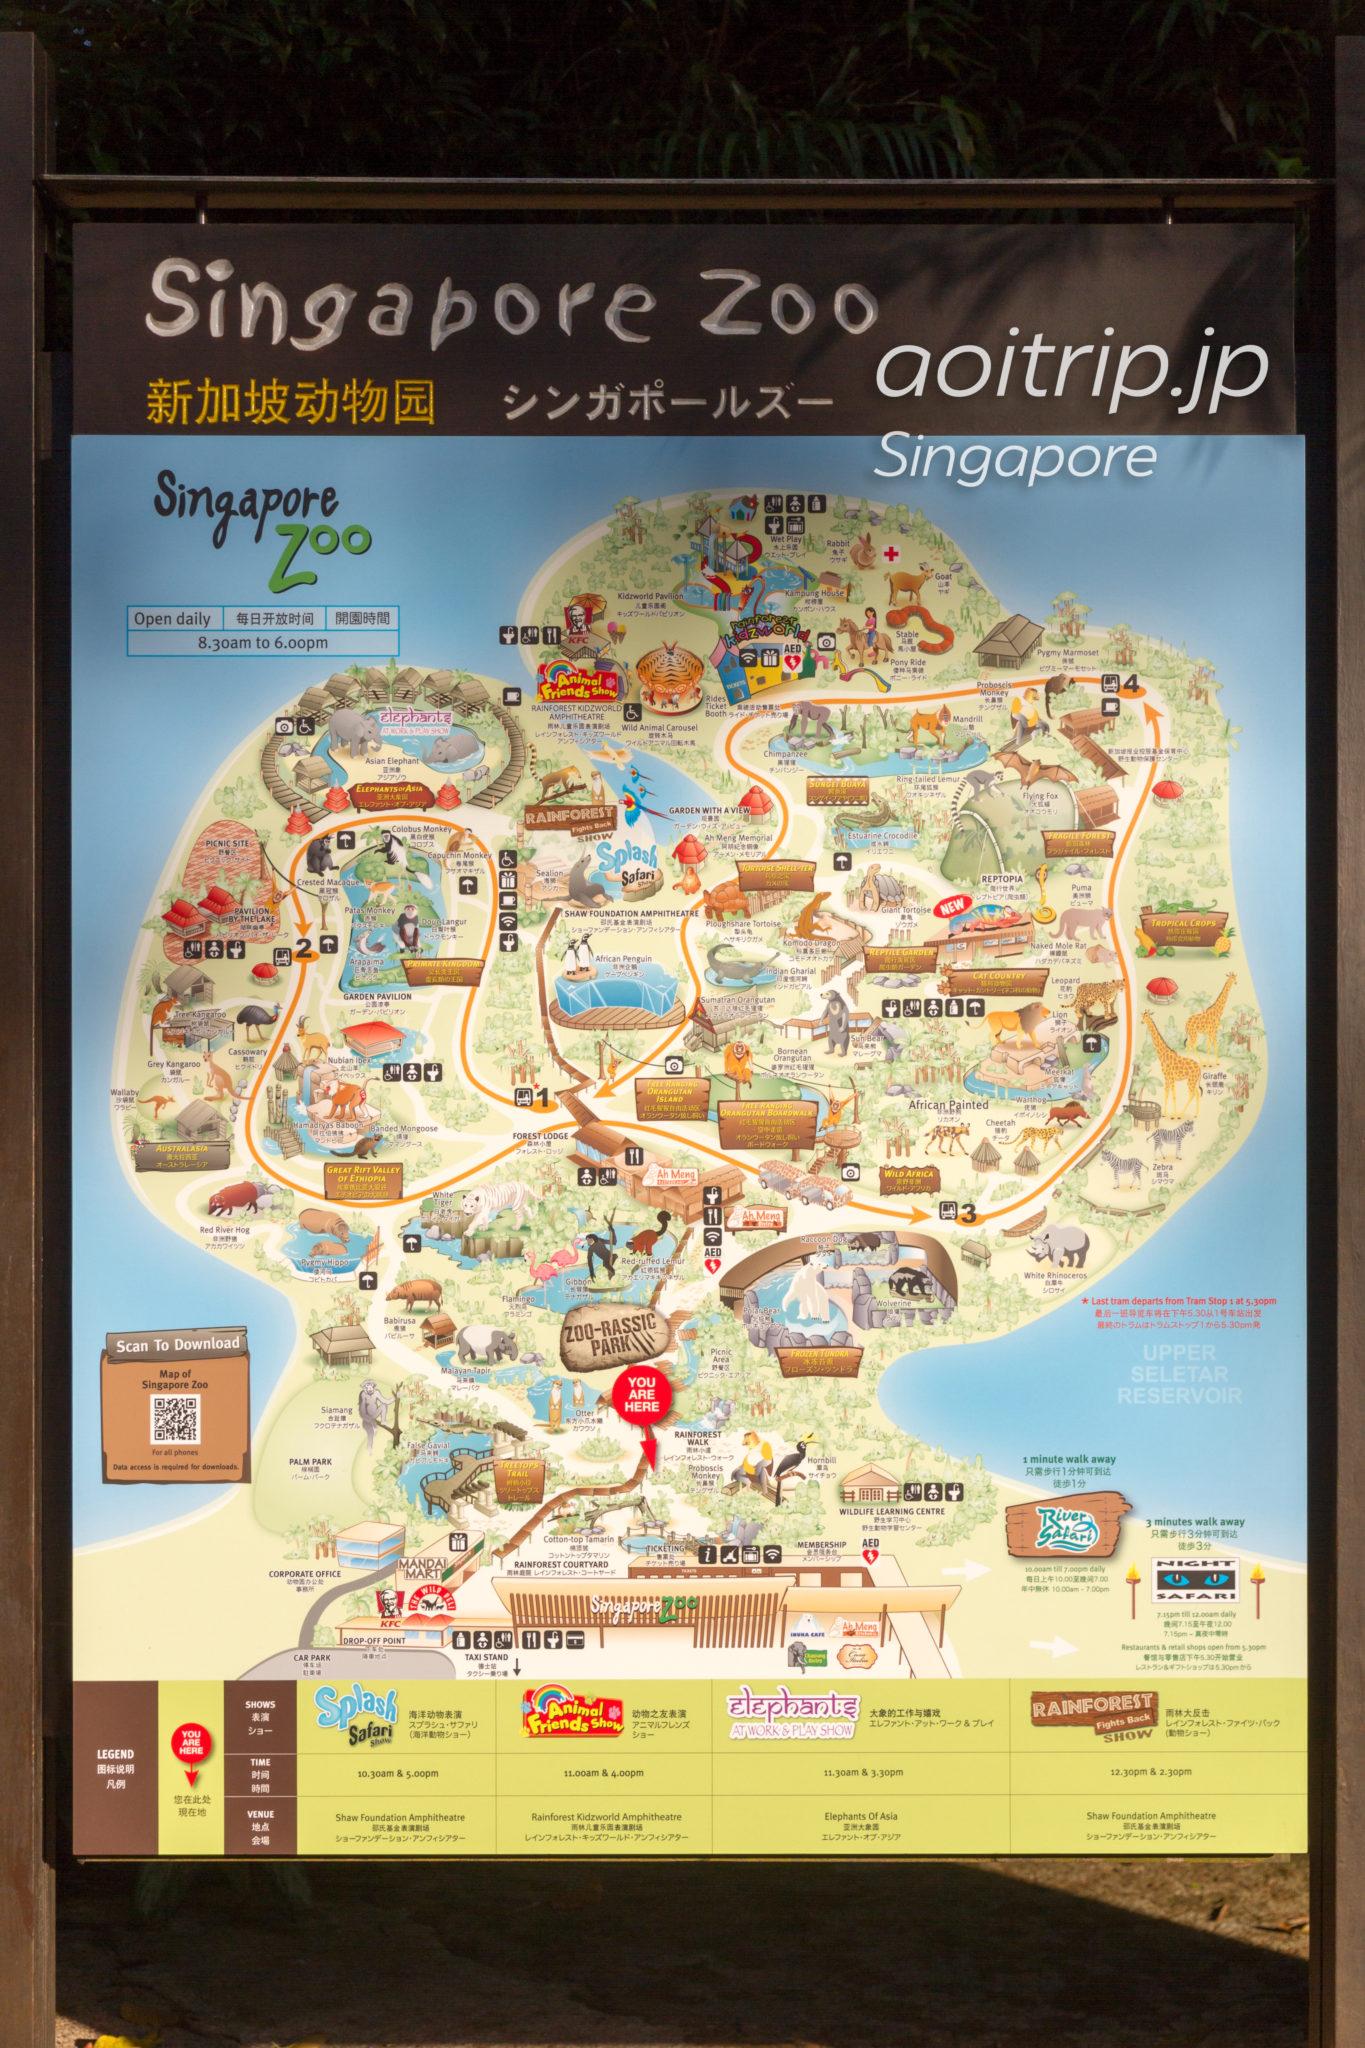 シンガポール動物園の園内マップ